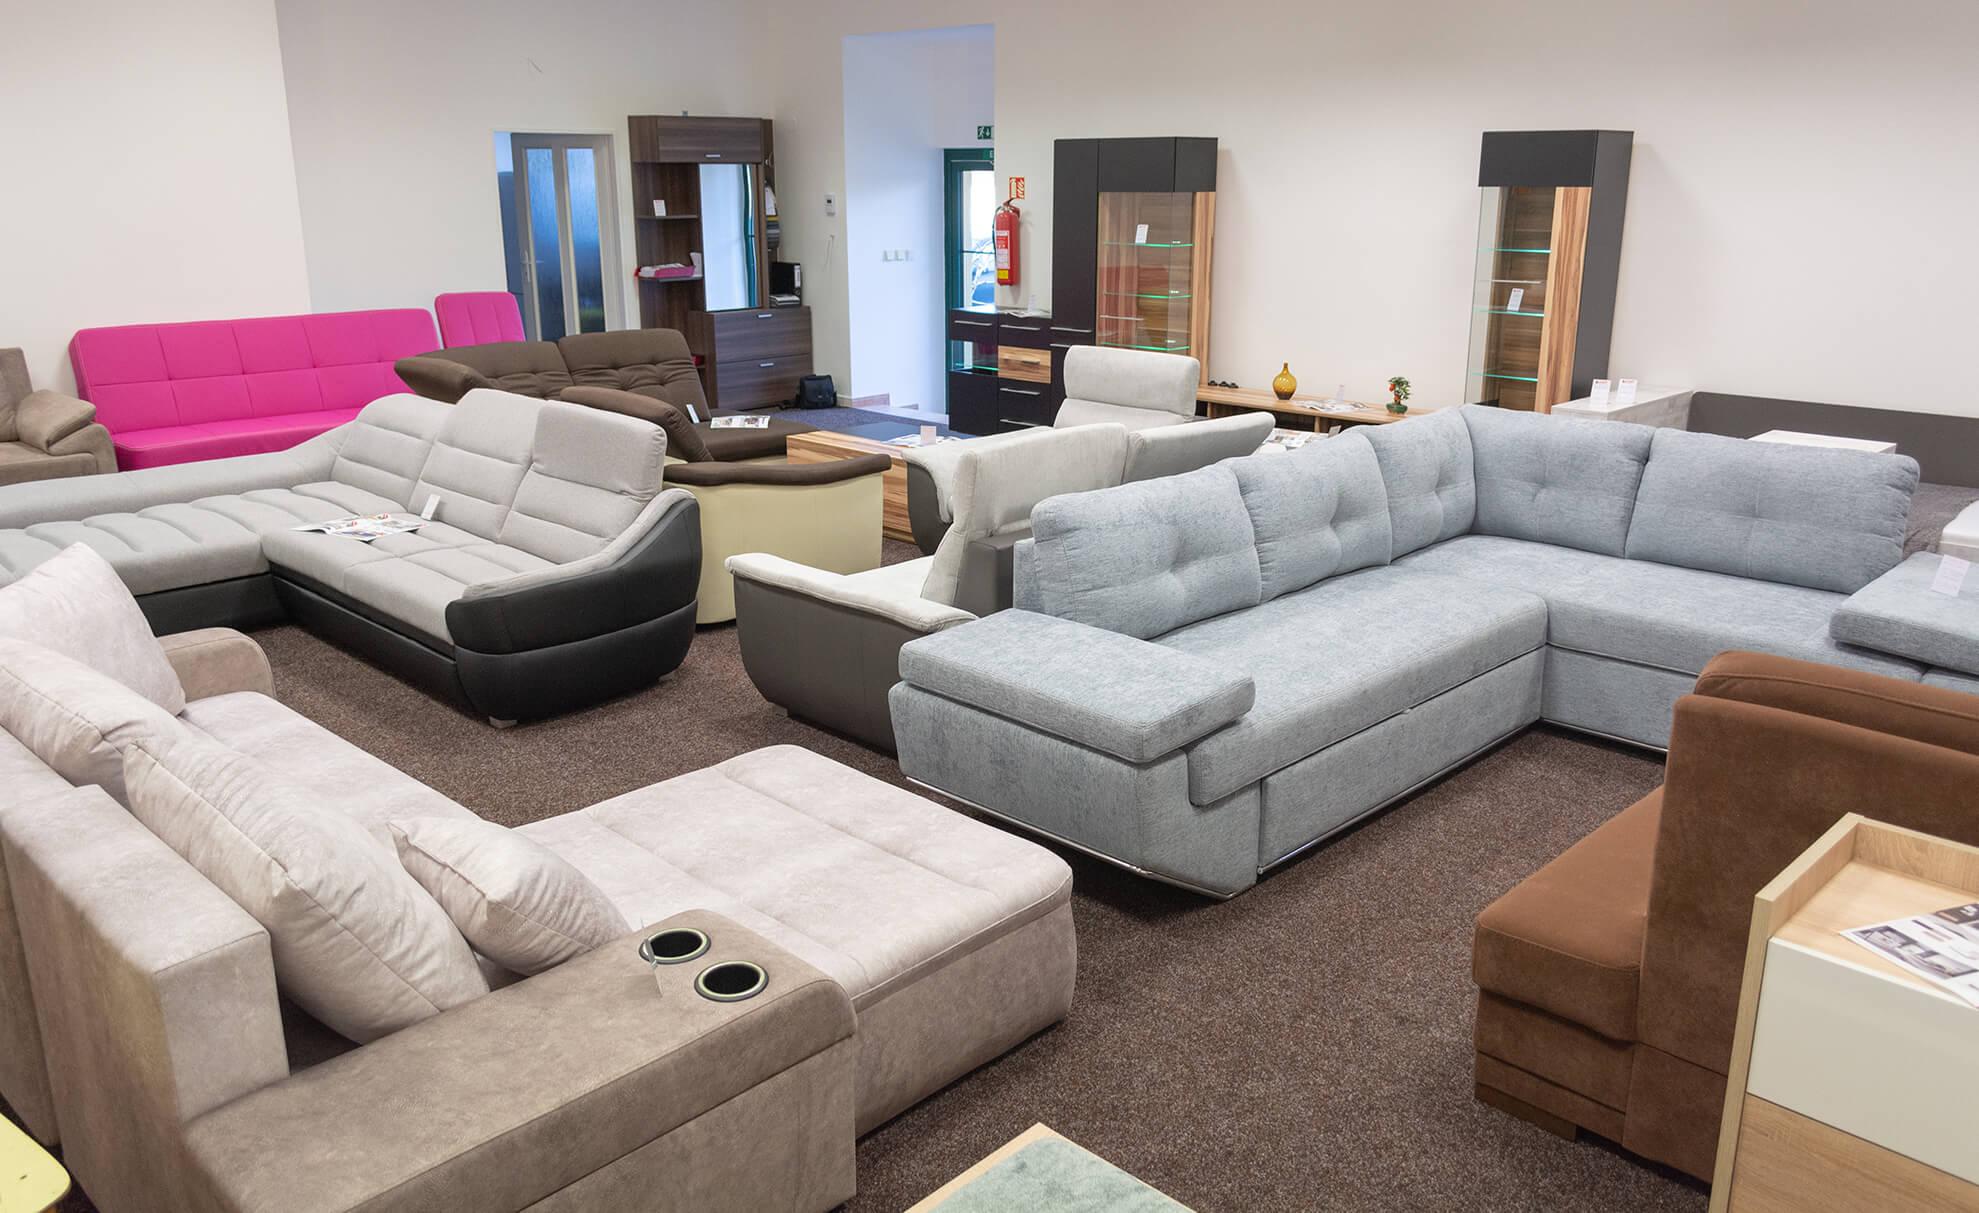 Reast-KH - Prodejna sedacích souprav a nábytku